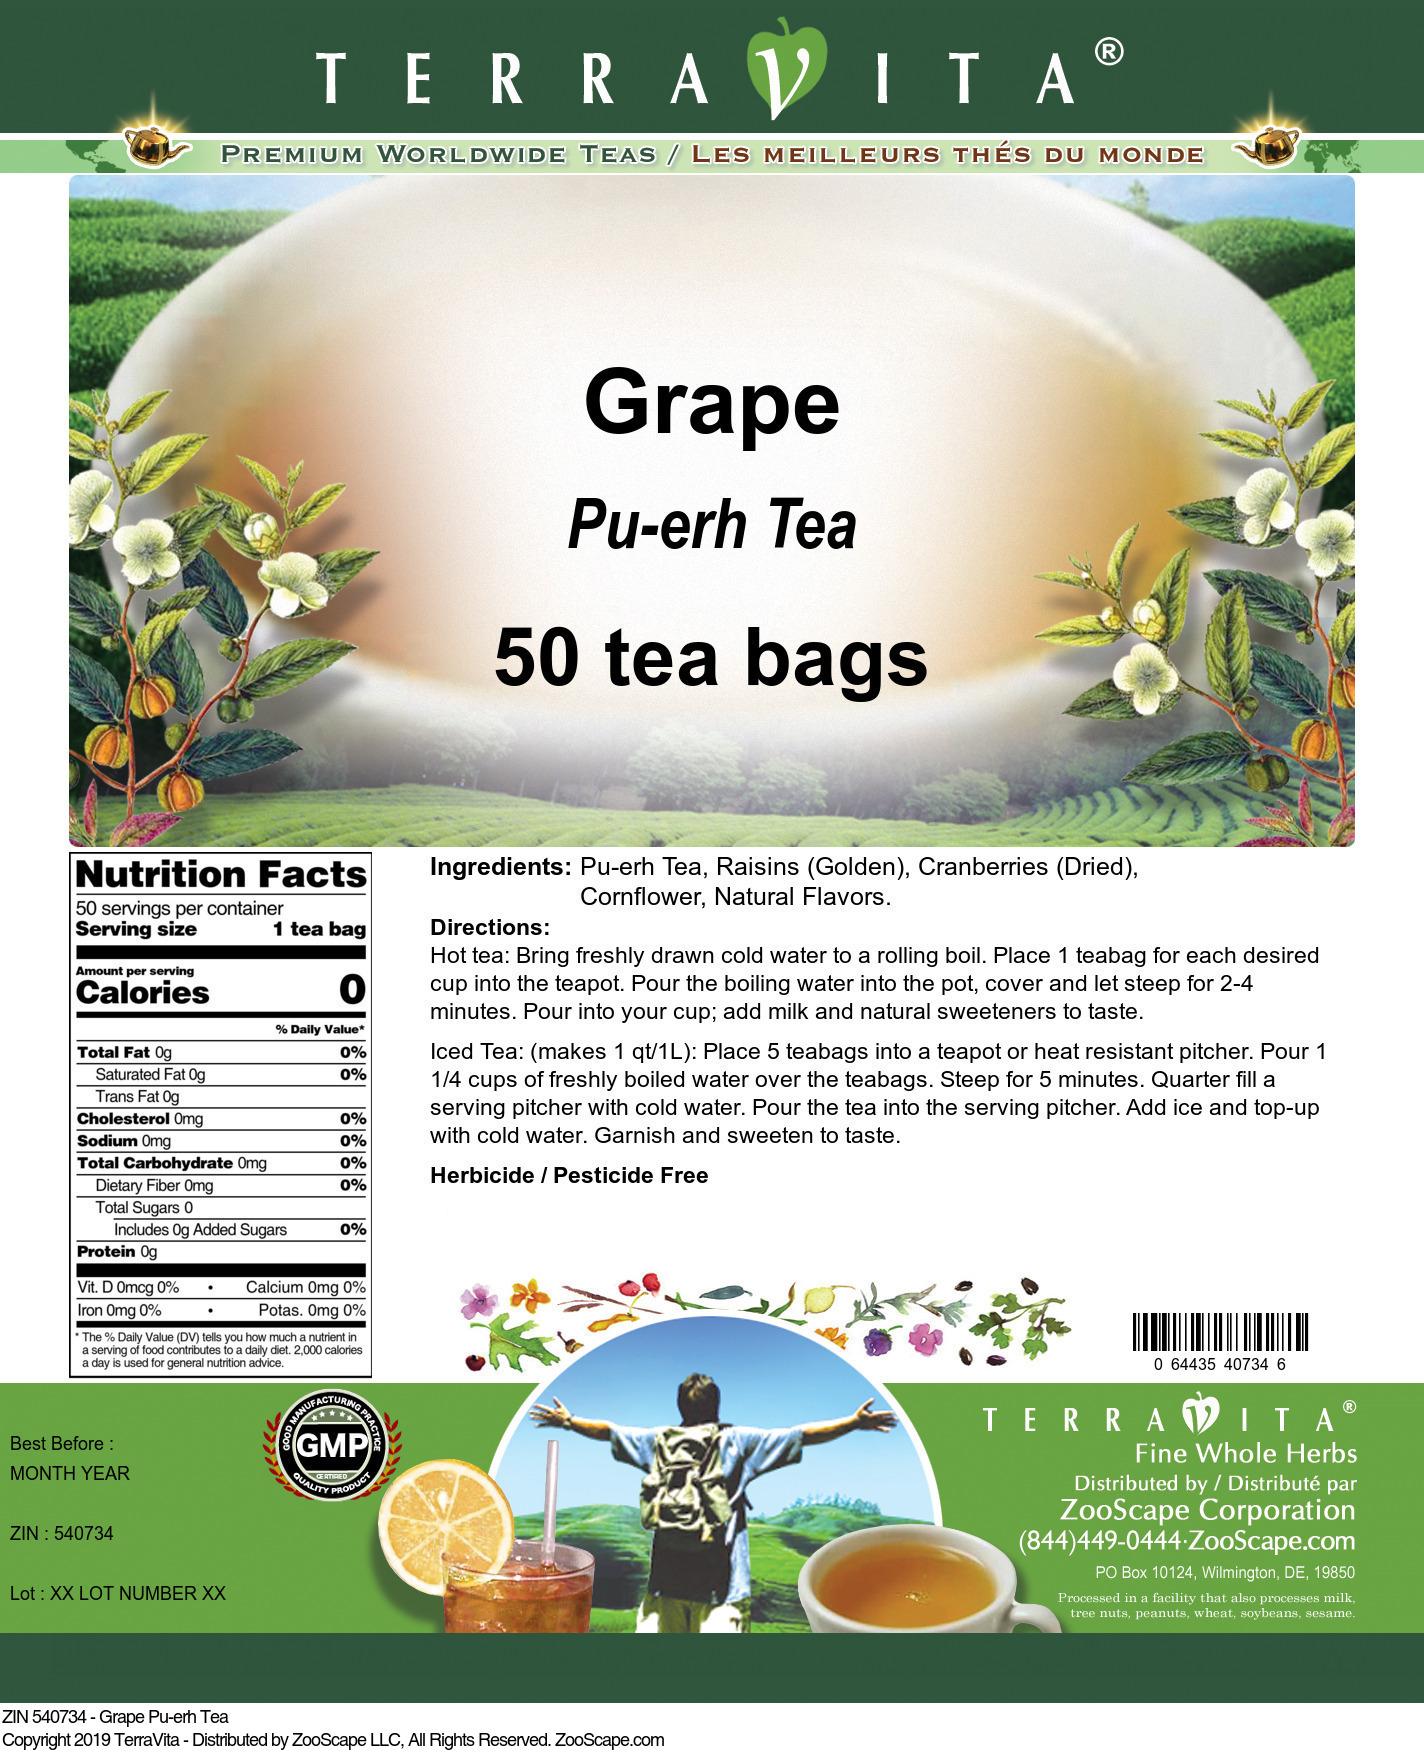 Grape Pu-erh Tea